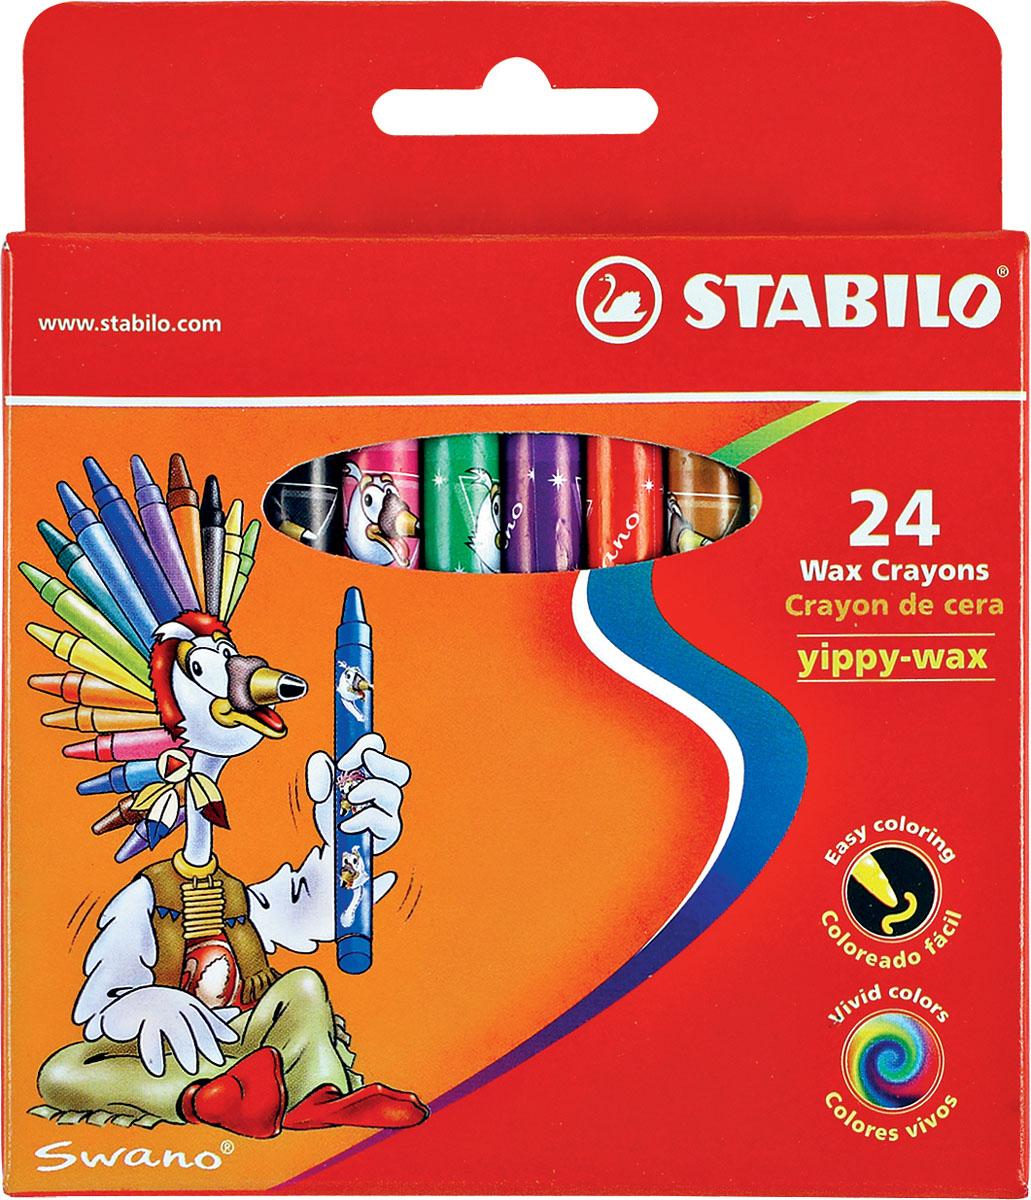 Восковые мелки Stabilo Yippy-wax, 24 цвета2824Цветные восковые мелки отличаются необыкновенной яркостью и стойкостью цвета. Легко смешиваются и позволяют создавать огромное количество оттенков. Очень прочные, не крошатся, не ломаются, не образуют пыли, не нуждаются в затачивании. Каждый мелок в индивидуальной бумажной упаковке. Характеристики:Материал:воск. Диаметр мелка:1 см. Длина мелка:9,3 см. Размер упаковки:10,5 см х 12 см х 1,5 см. Изготовитель:Малайзия.Уважаемые клиенты! Обращаем ваше внимание на то, что упаковка может иметь несколько видов дизайна. Поставка осуществляется в зависимости от наличия на складе.